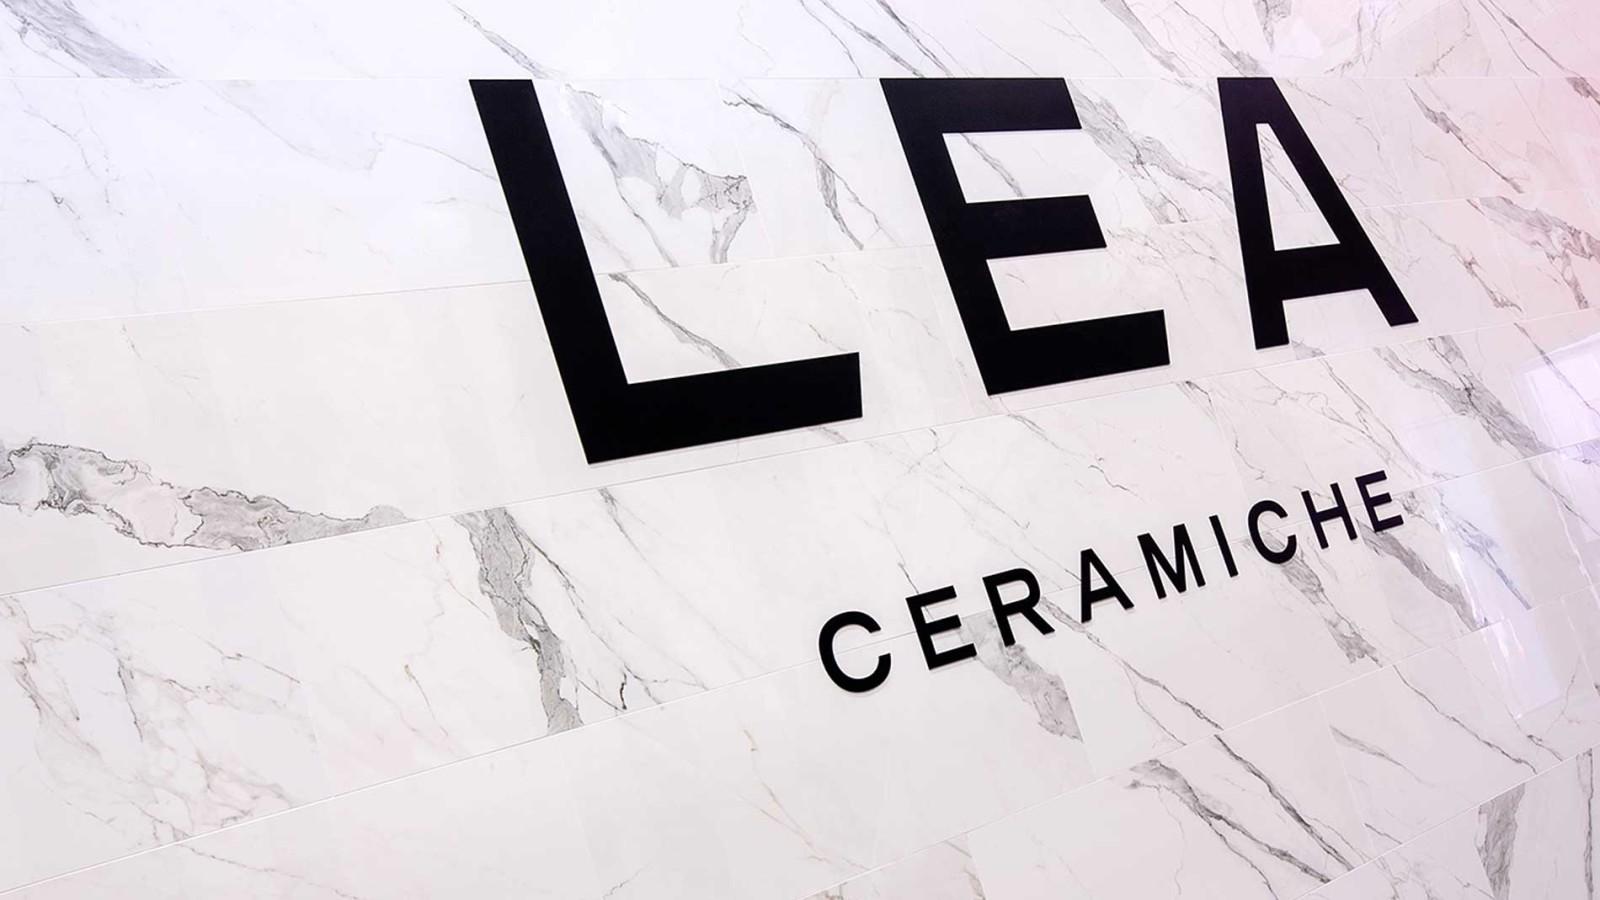 Bottega - Dettaglio allestimento stand Lea Ceramiche per l'edizione 2015 del Cersaie di Bologna